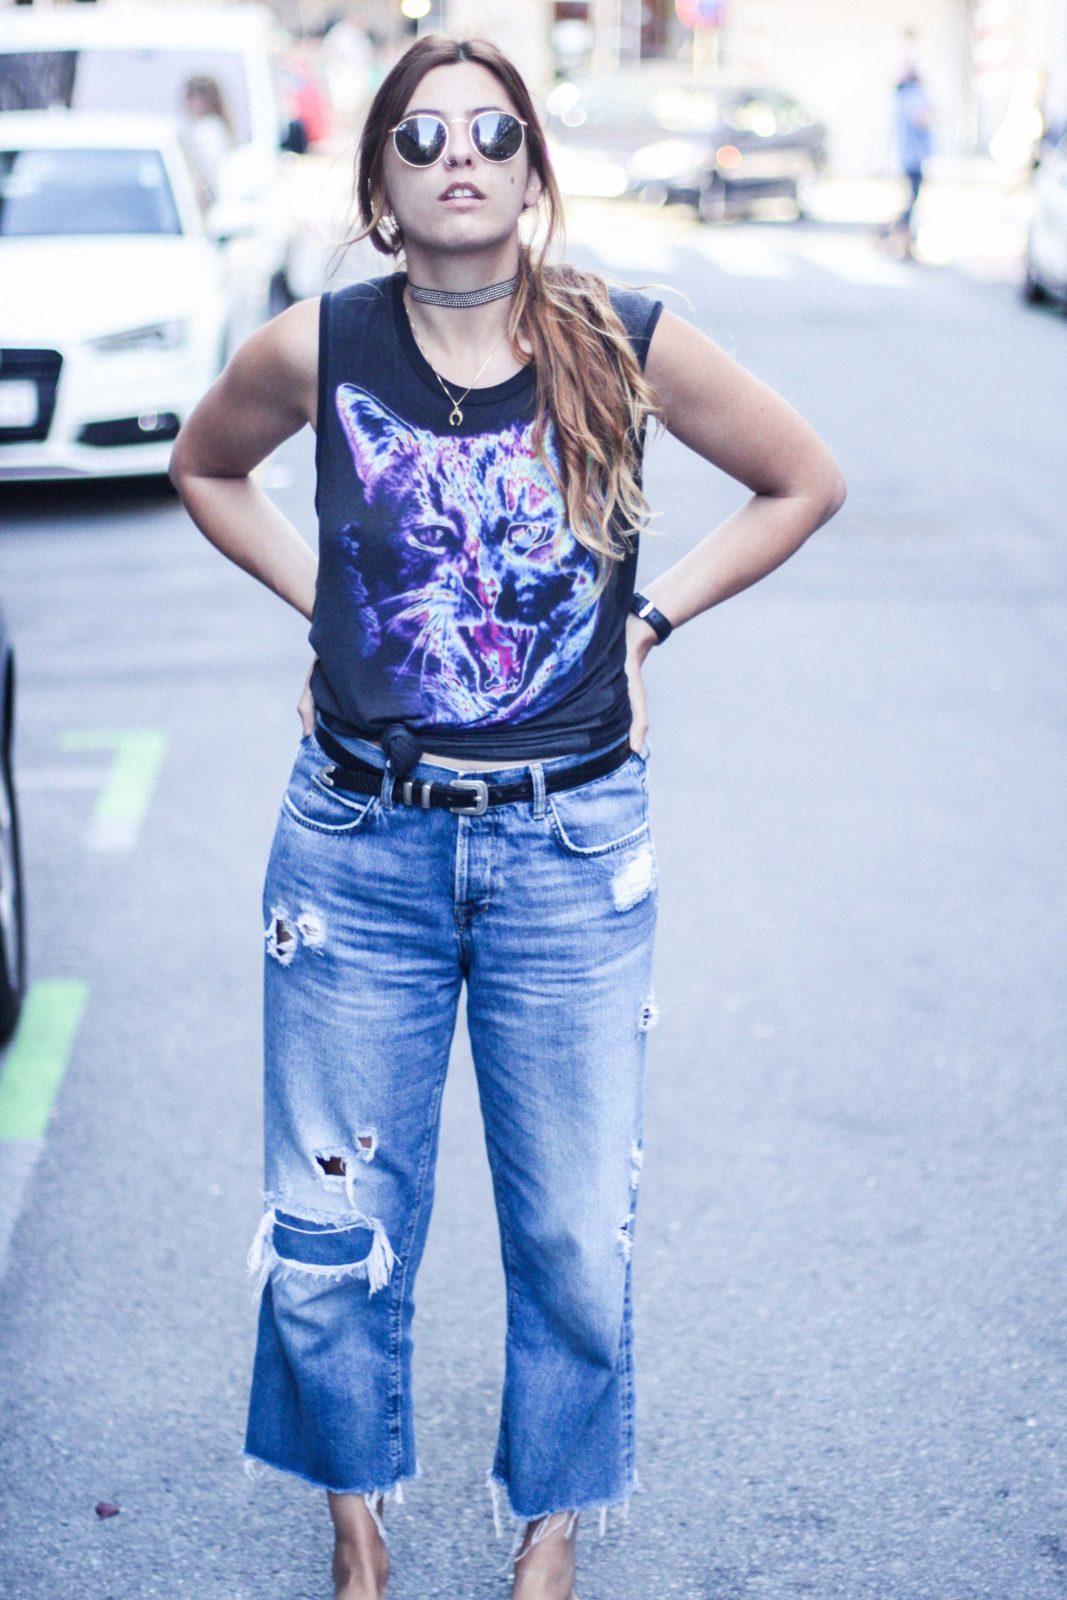 jeans_vaqueros_camiseta_estampada_sandalias_pelo-23